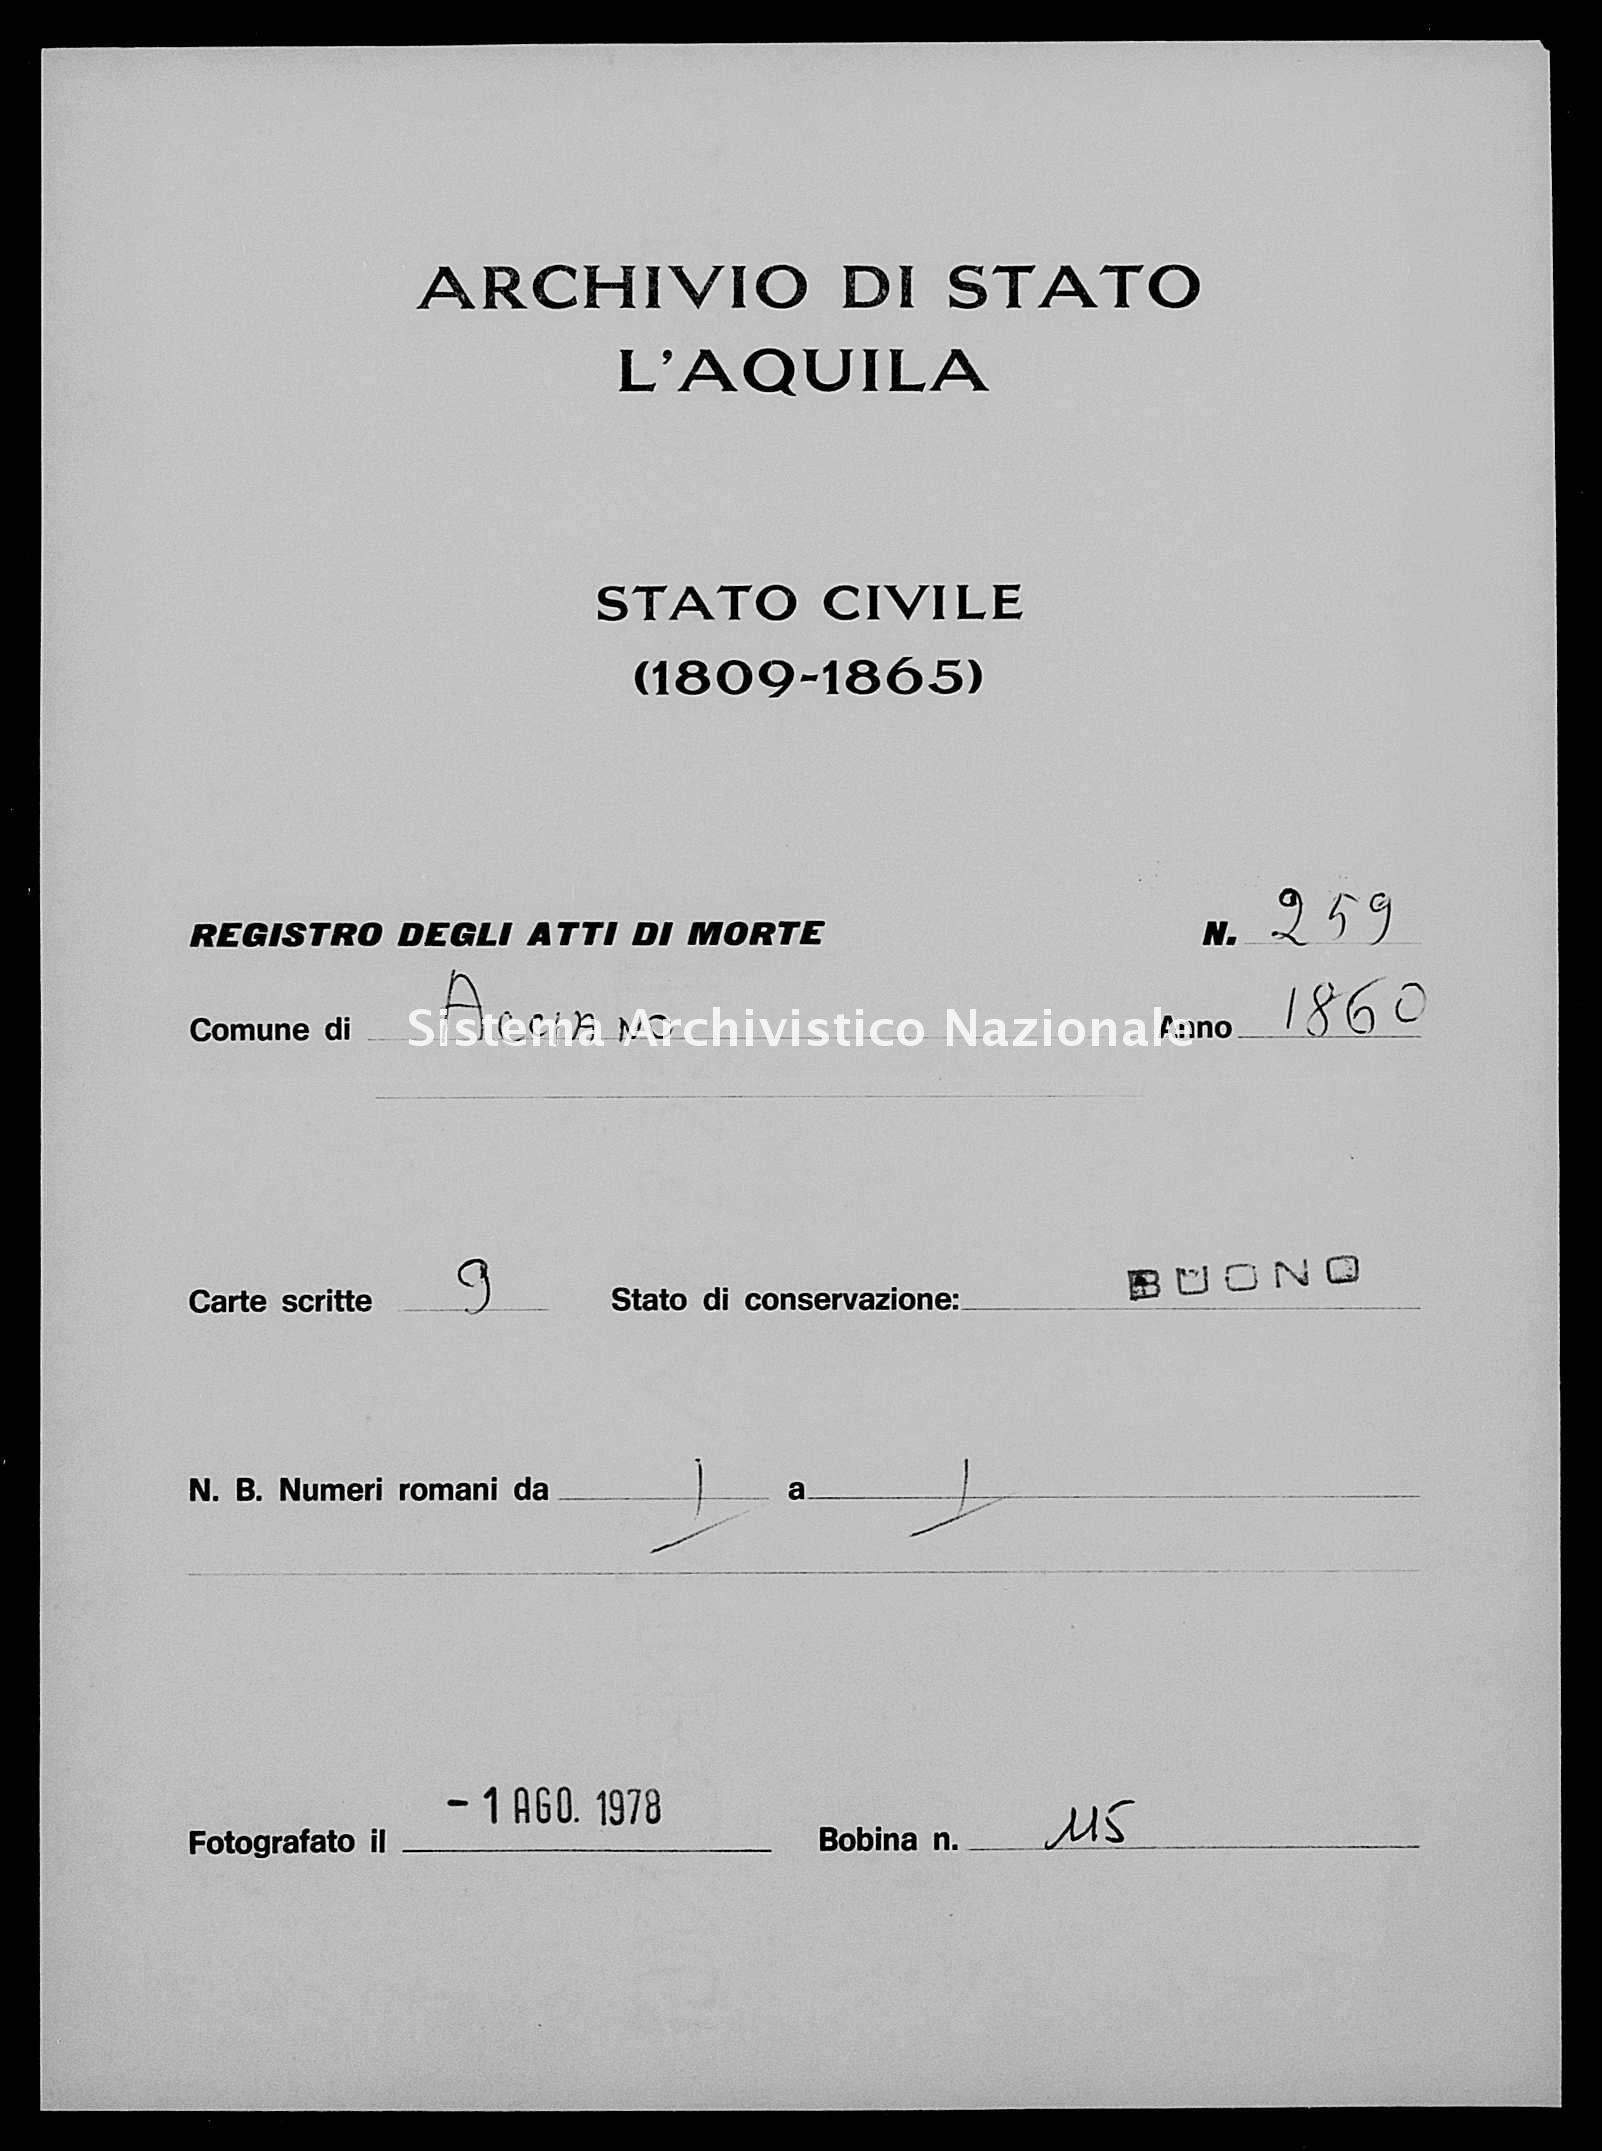 Archivio di stato di L'aquila - Stato civile della restaurazione - Acciano - Morti - 1860 - 259 -